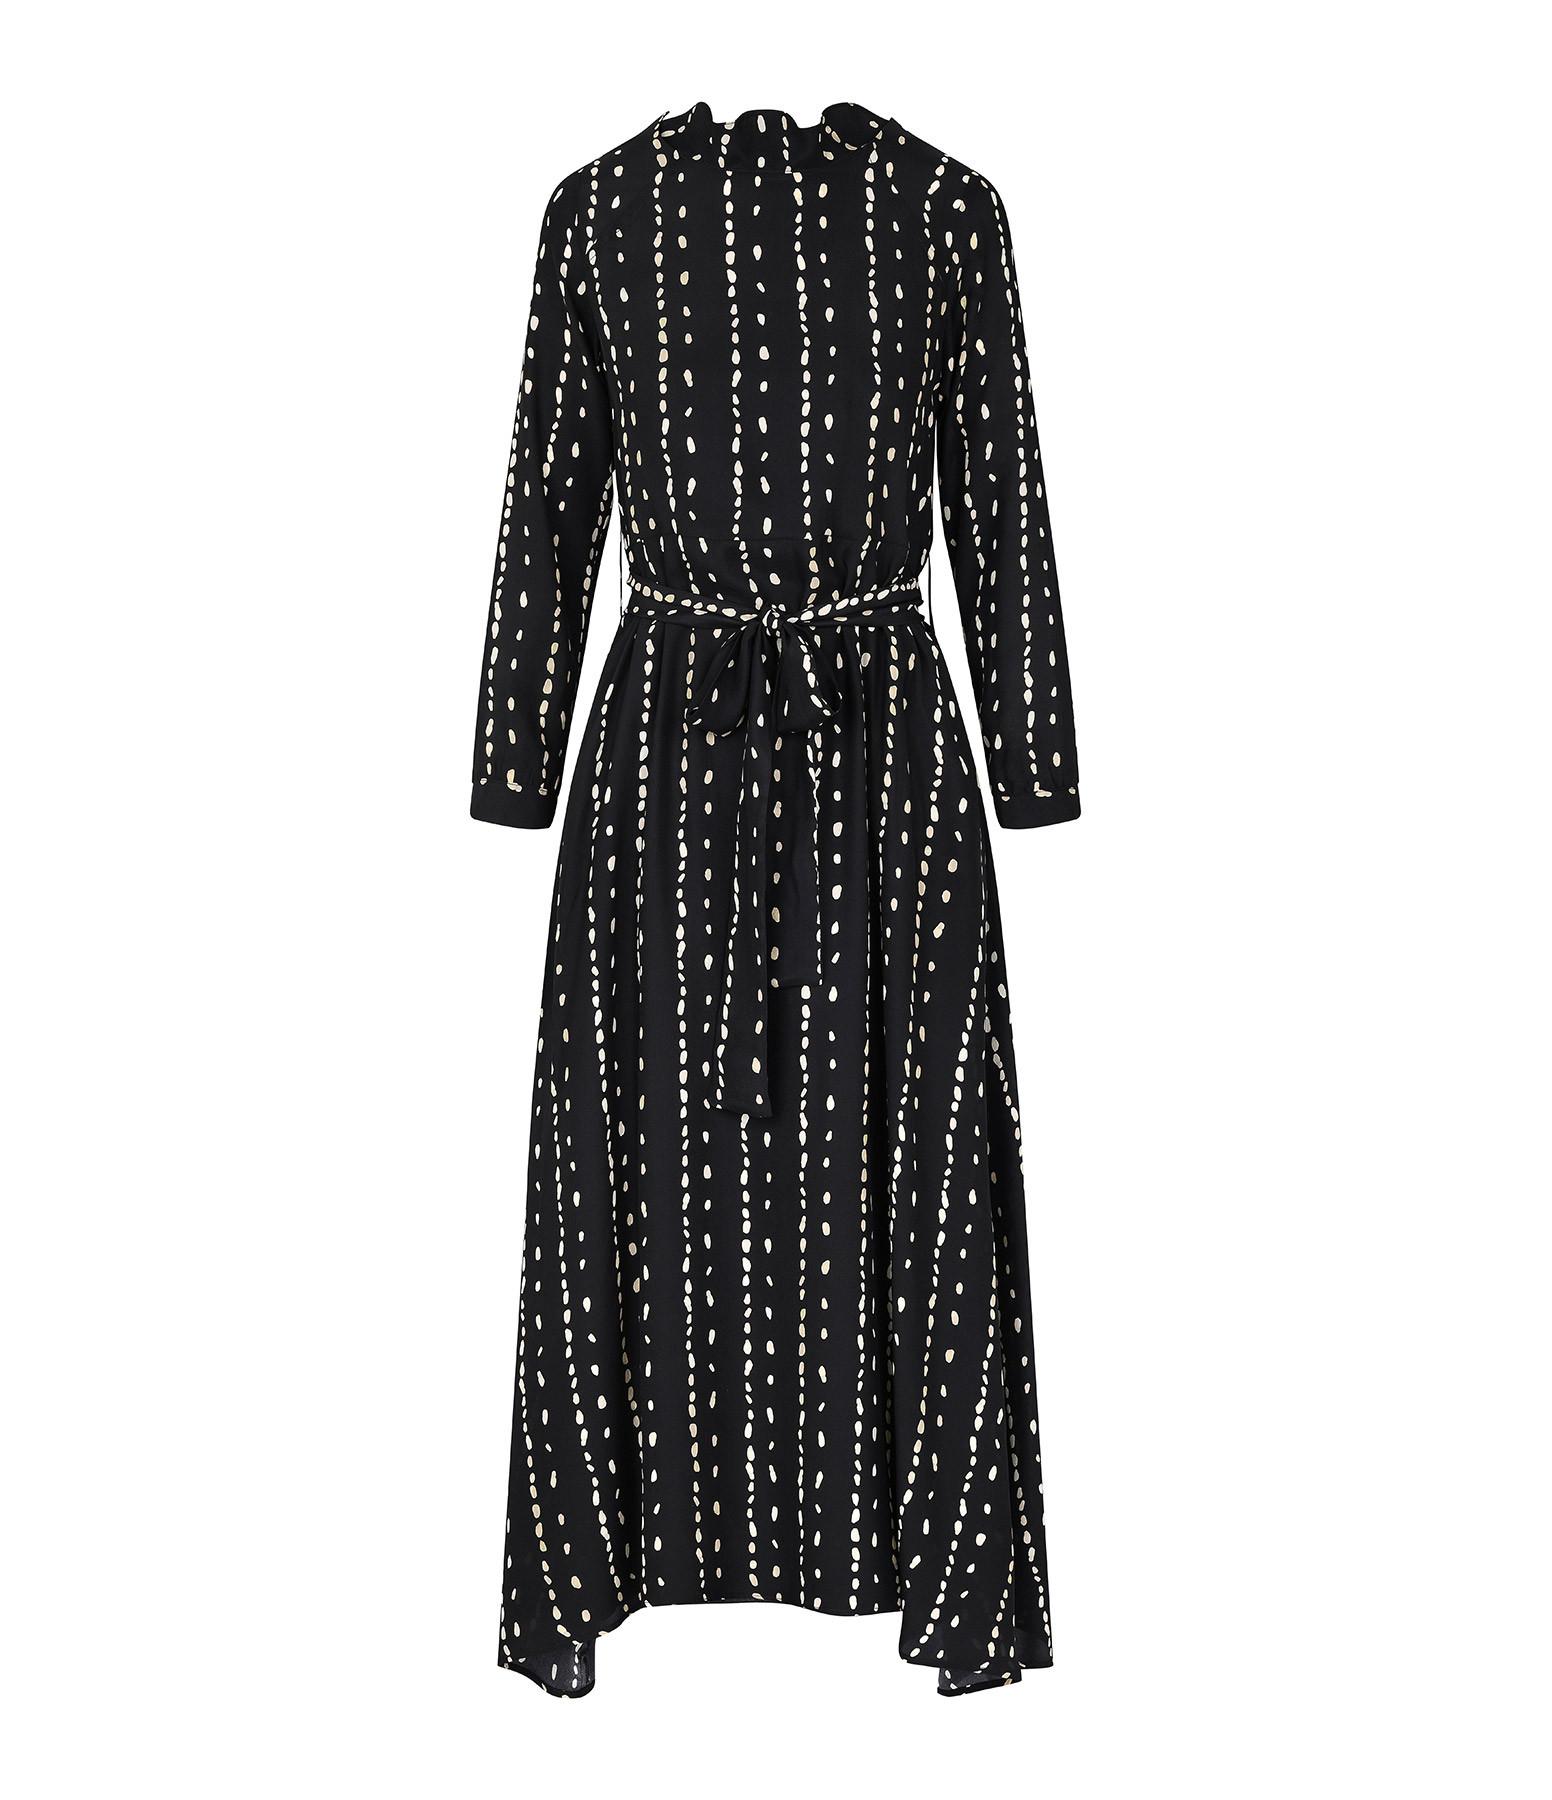 BELLE PIÈCE - Robe Charlie Soie Imprimé Noir